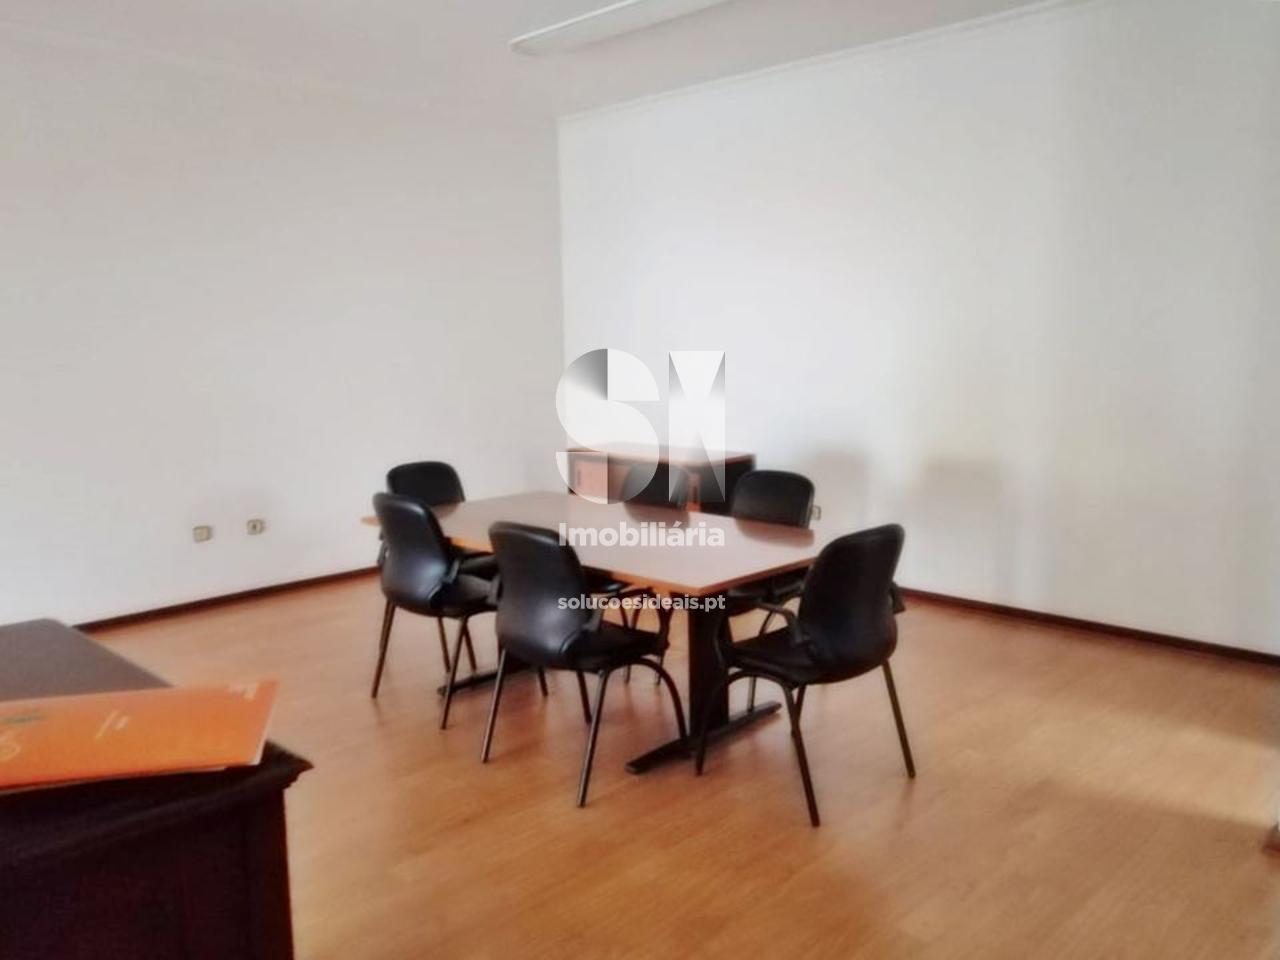 escritorio para arrendamento em guarda guarda GRDMS314